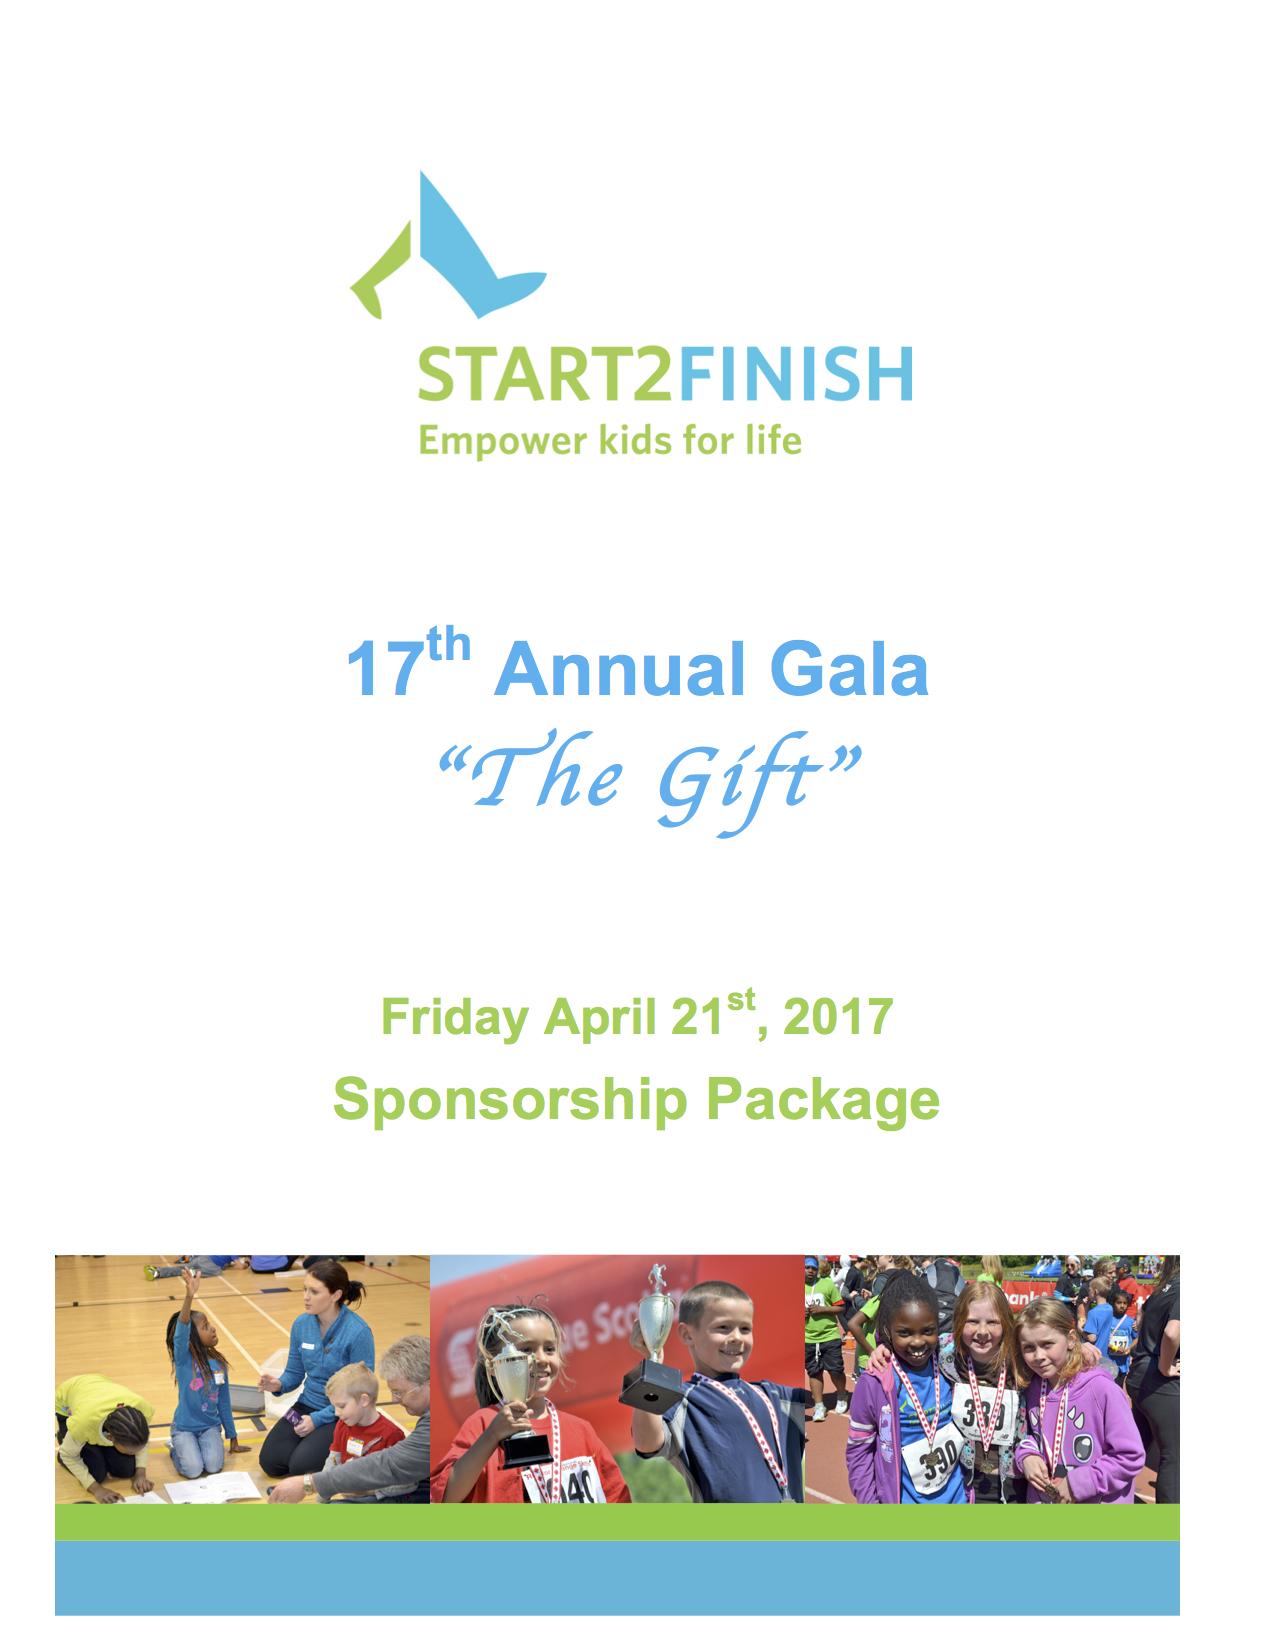 Sponsorship Package - S2F Gala 2017 PG 1.jpg